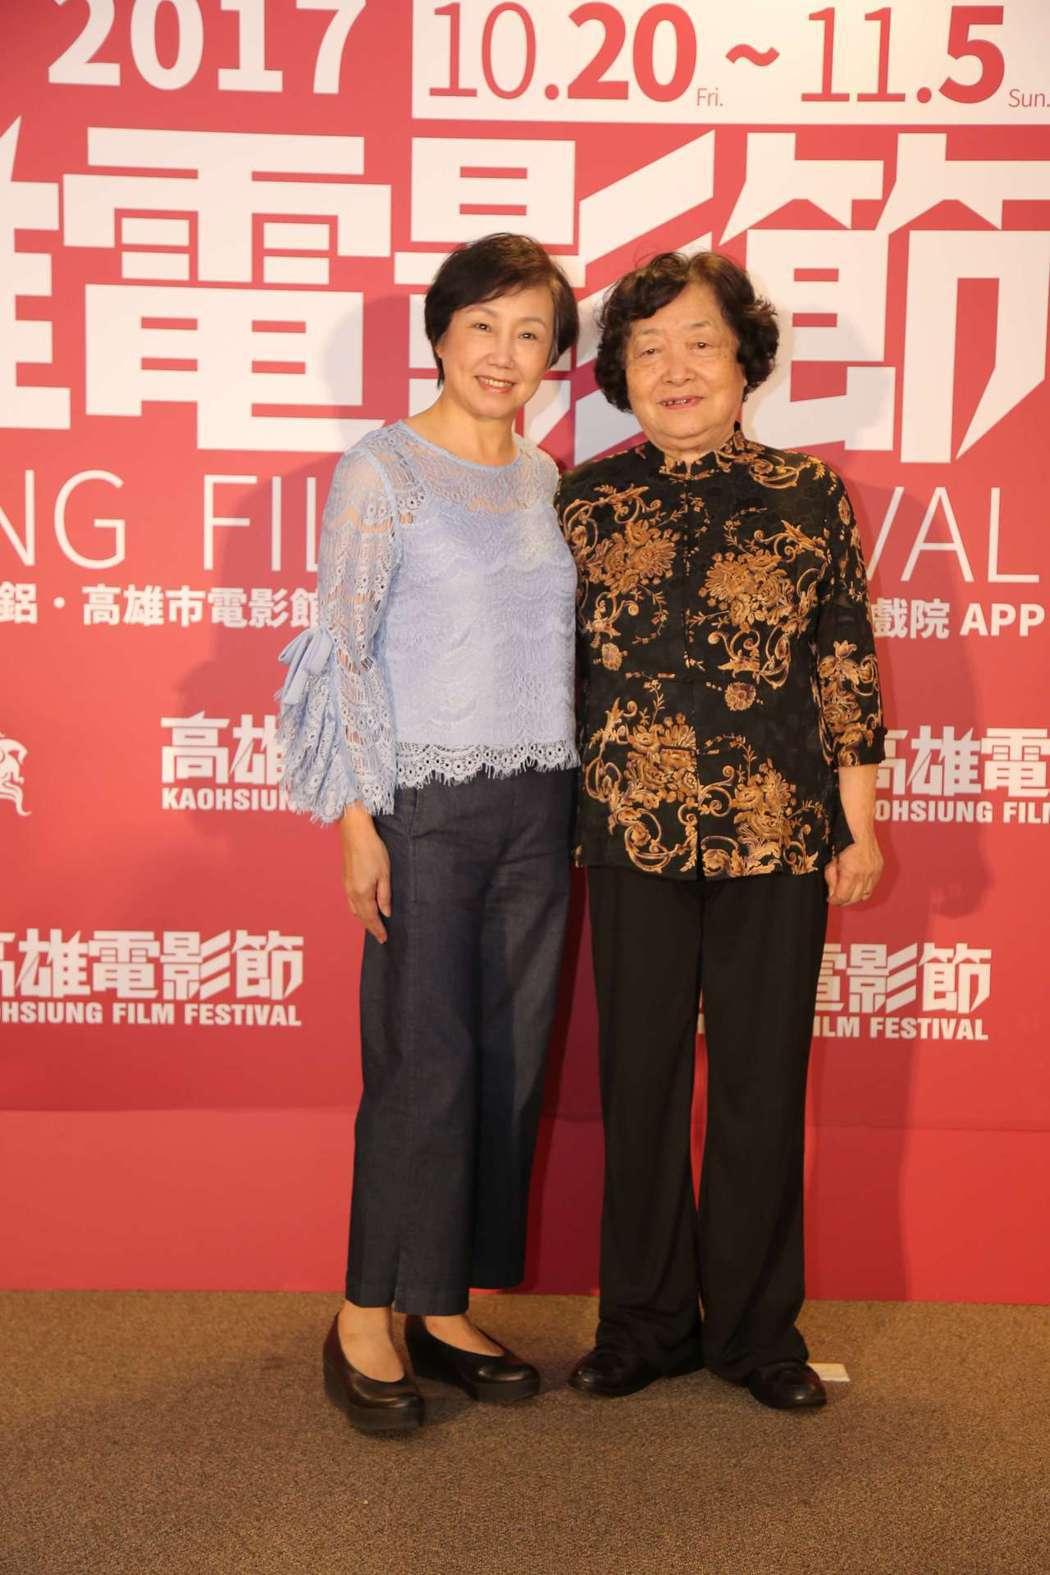 陳季霞(左)與劉引商在「順雲」中扮演一對母女。圖/高雄電影節提供